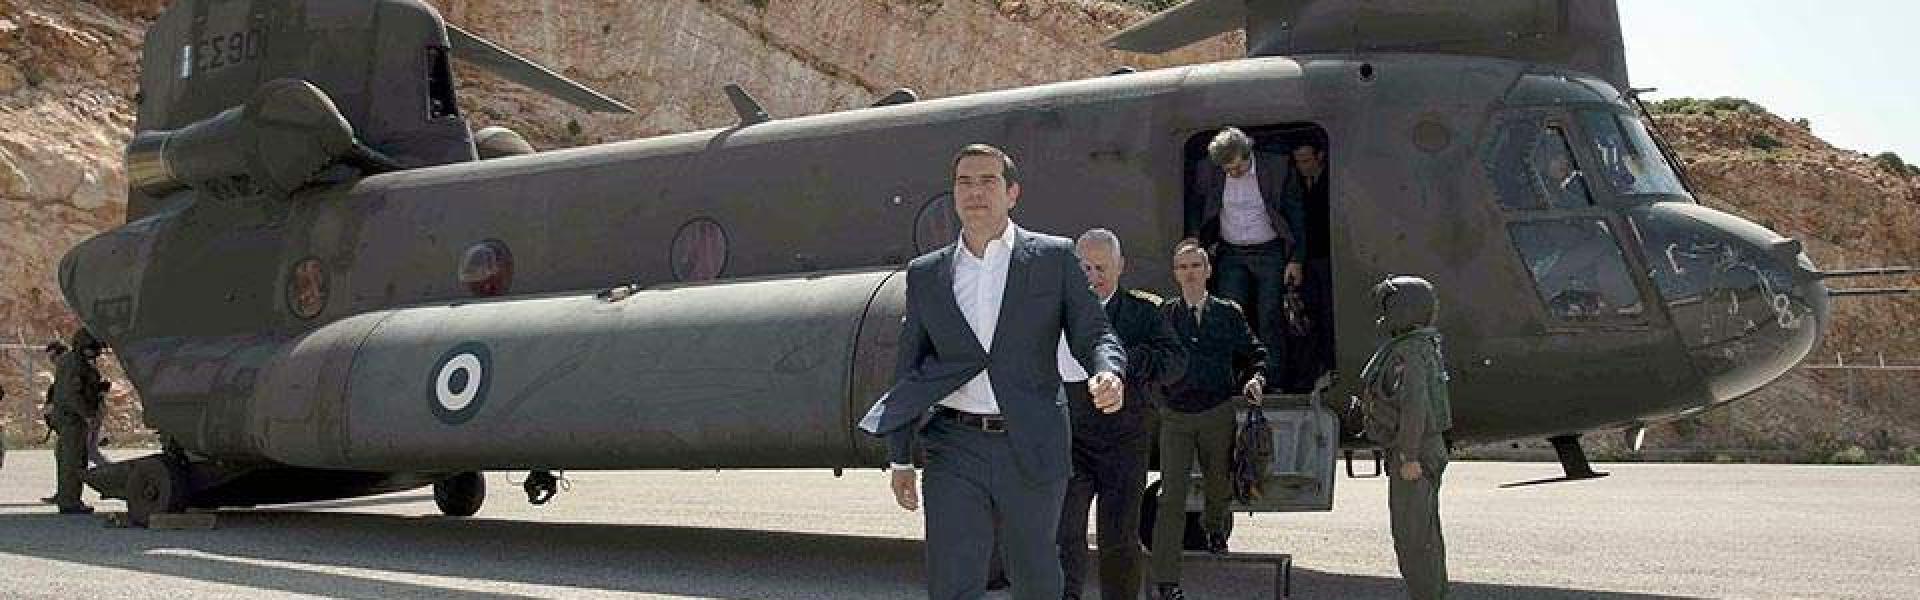 Yunan Basını: İki Türk savaş uçağı Yunanistan Başbakanı'nı taşıyan helikopteri taciz etti